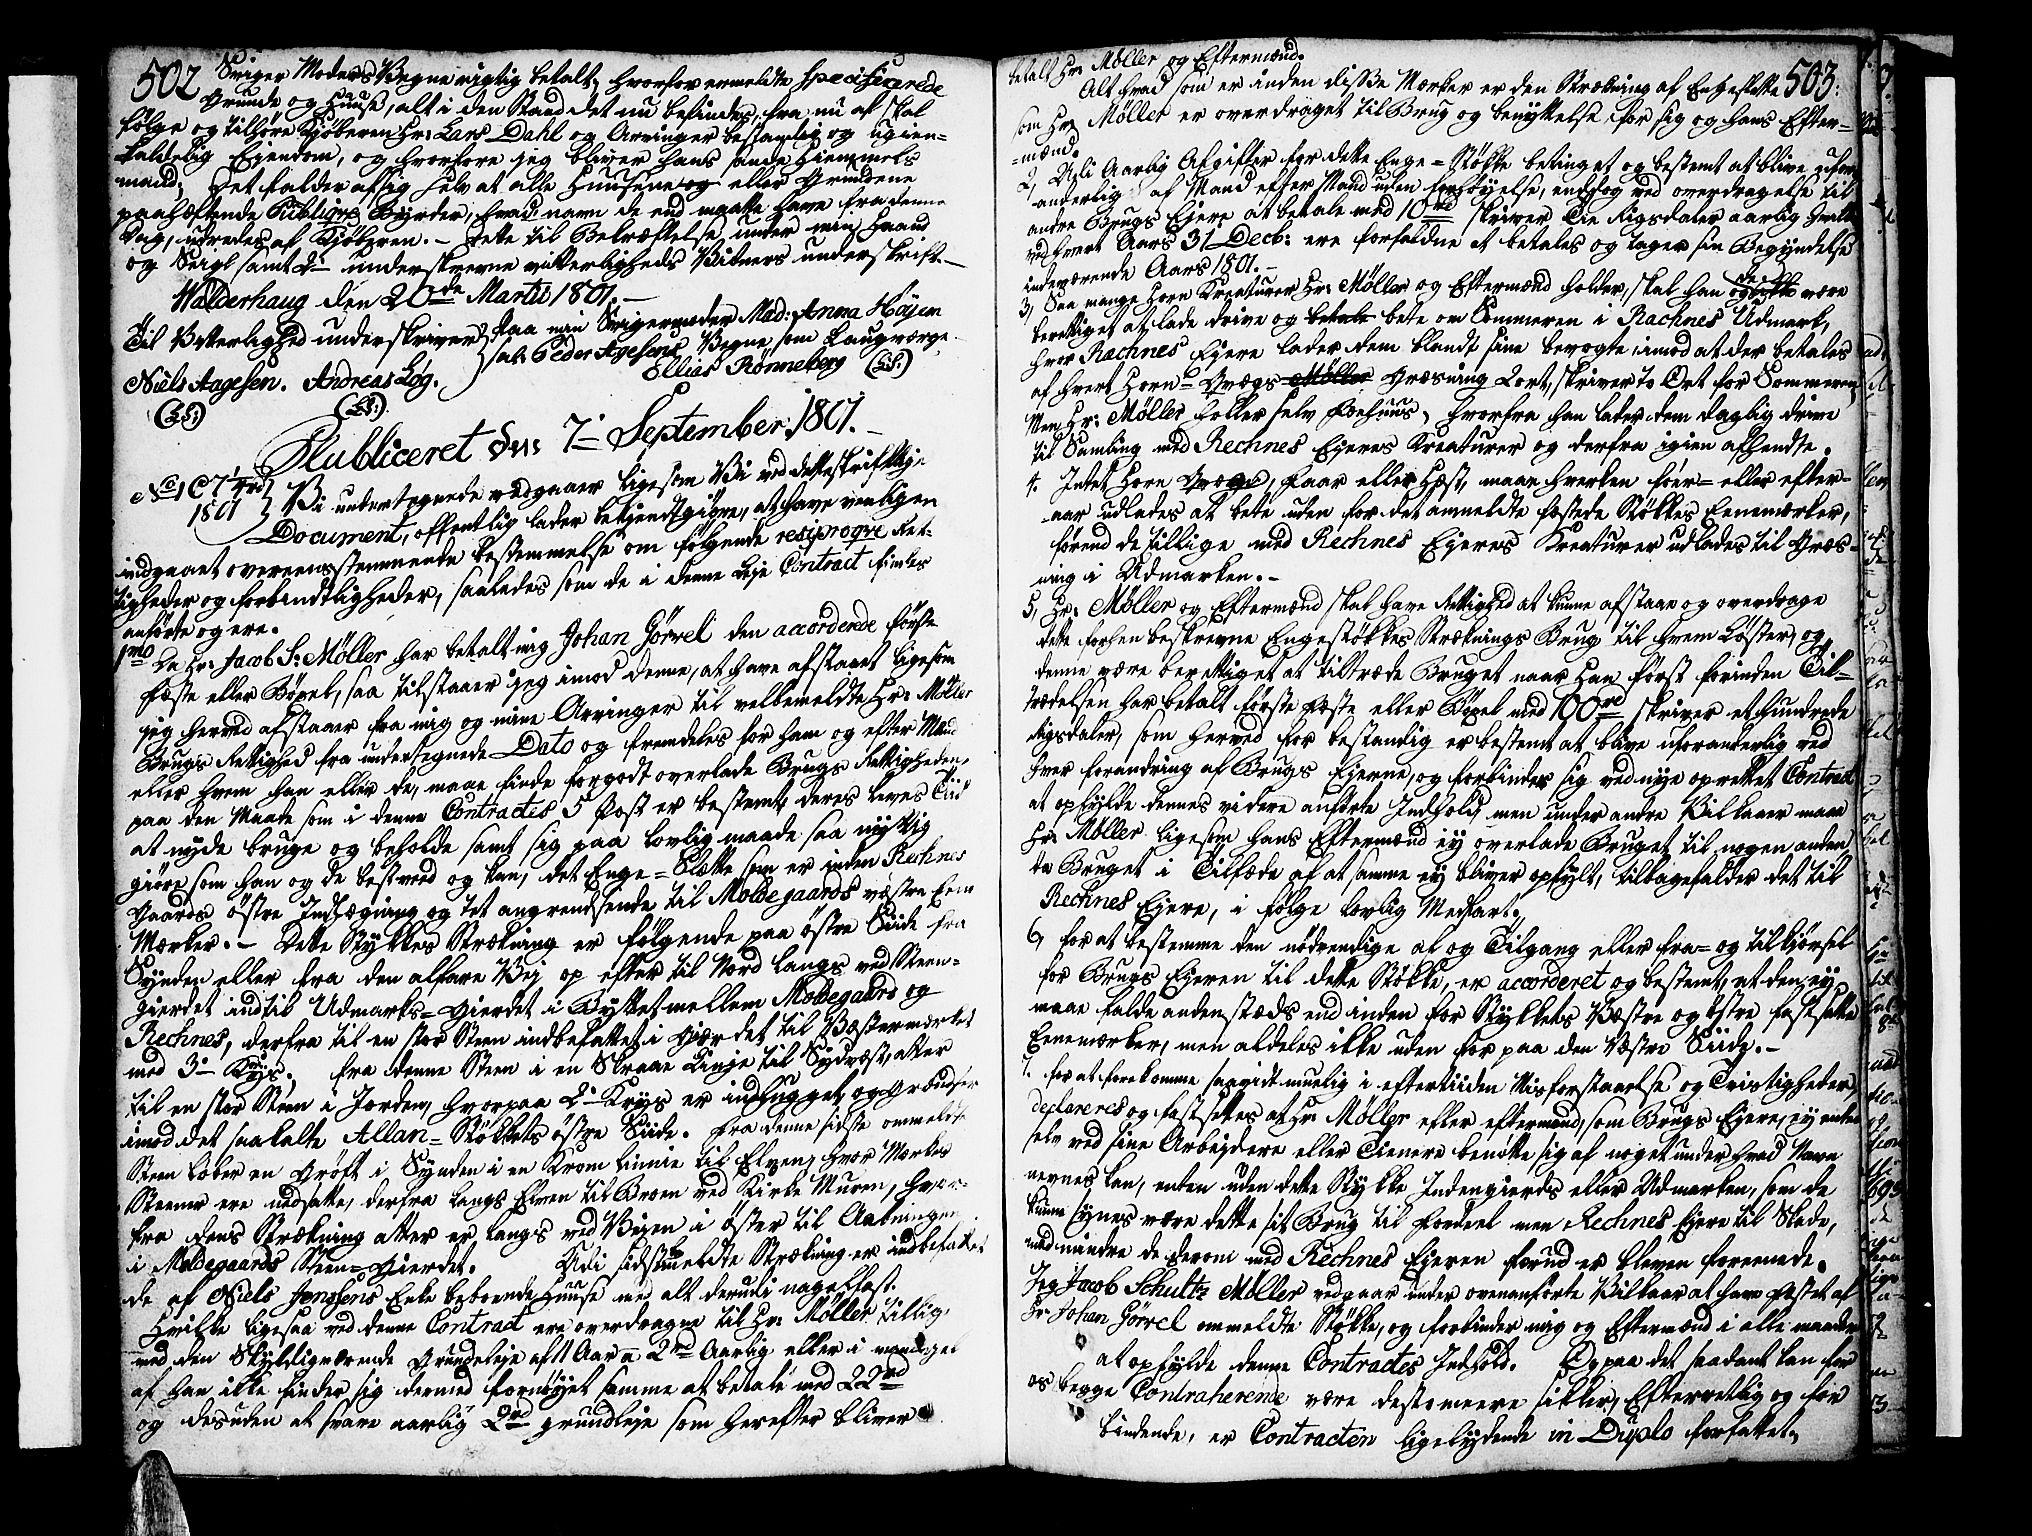 SAT, Molde byfogd, 2/2C/L0001: Pantebok nr. 1, 1748-1823, s. 502-503